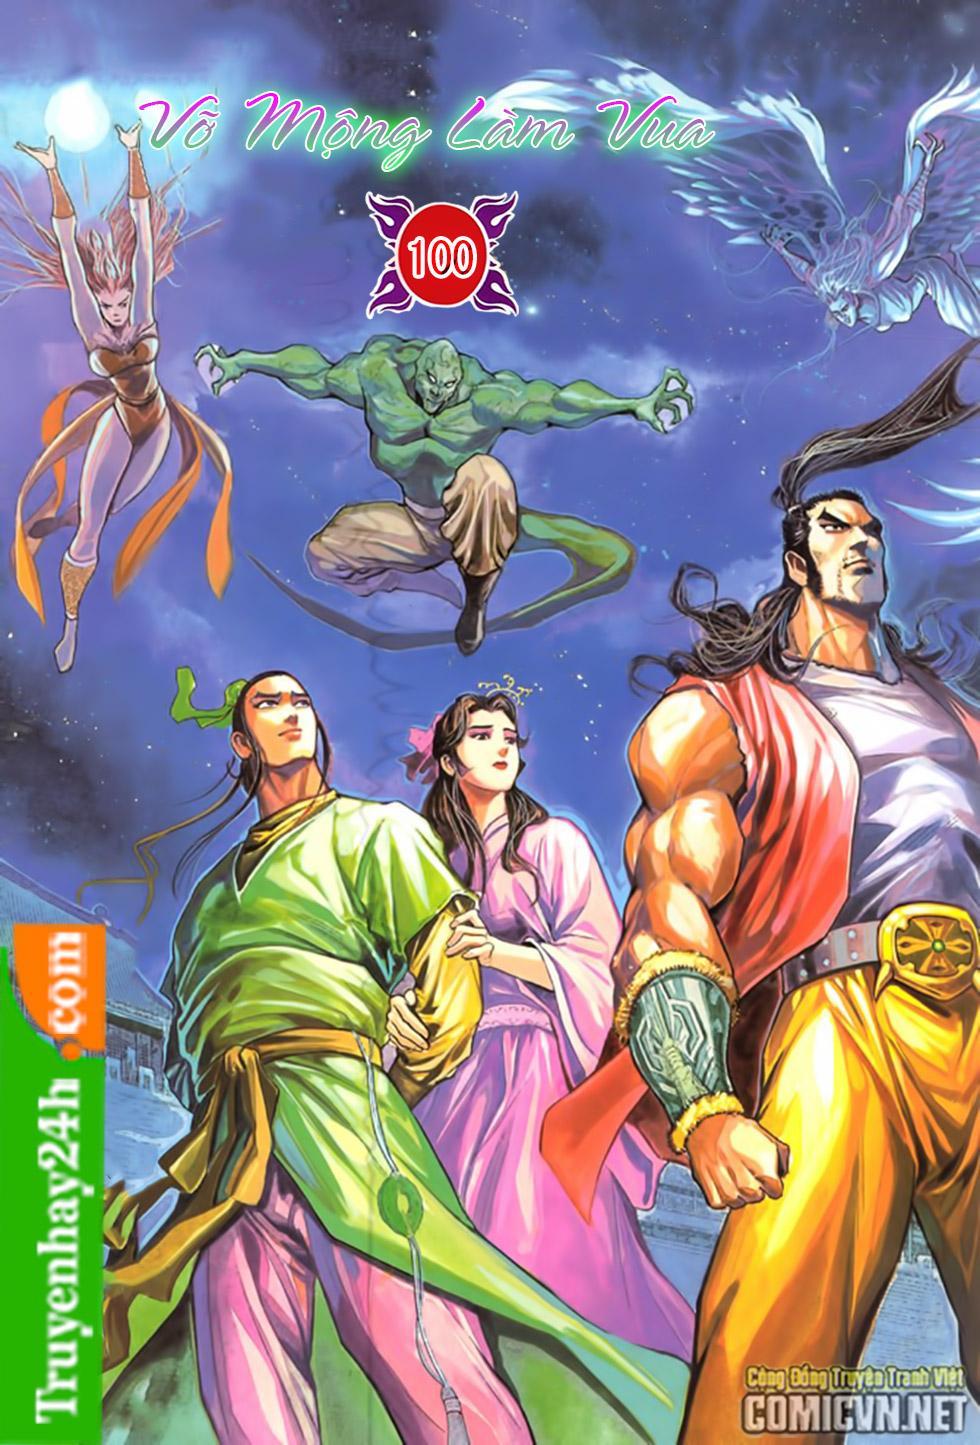 Thiên Long Bát Bộ chap 100 - Trang 1